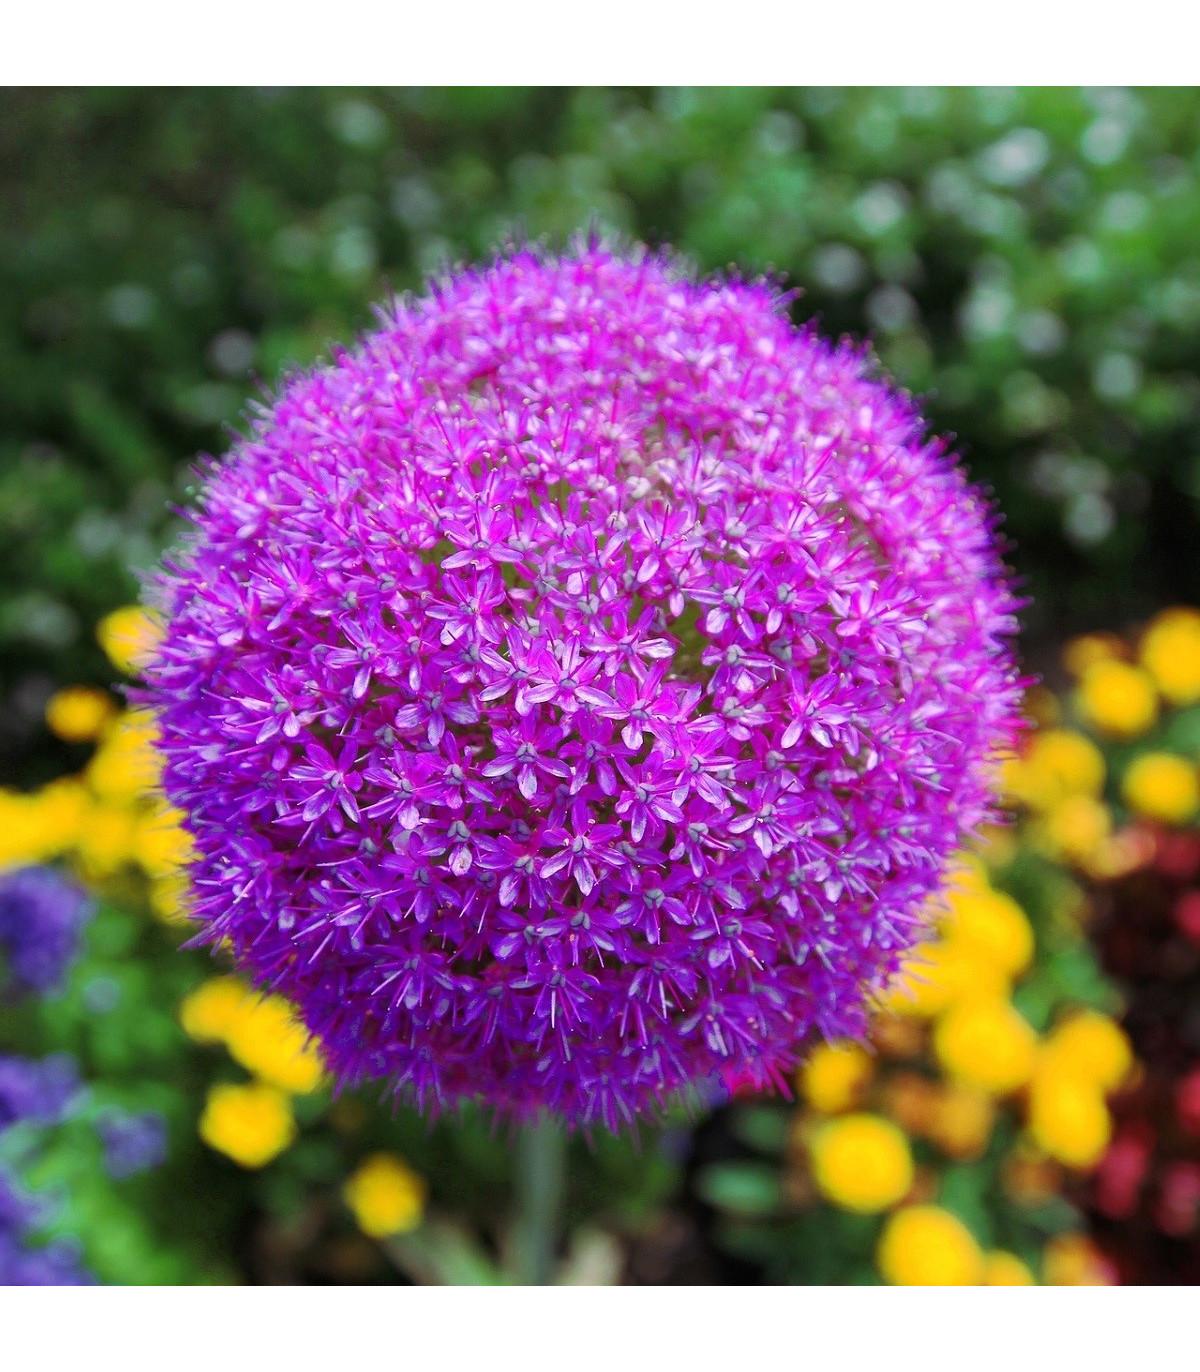 Okrasný česnek Gladiator - Allium Gladiator - cibuloviny - 1 ks